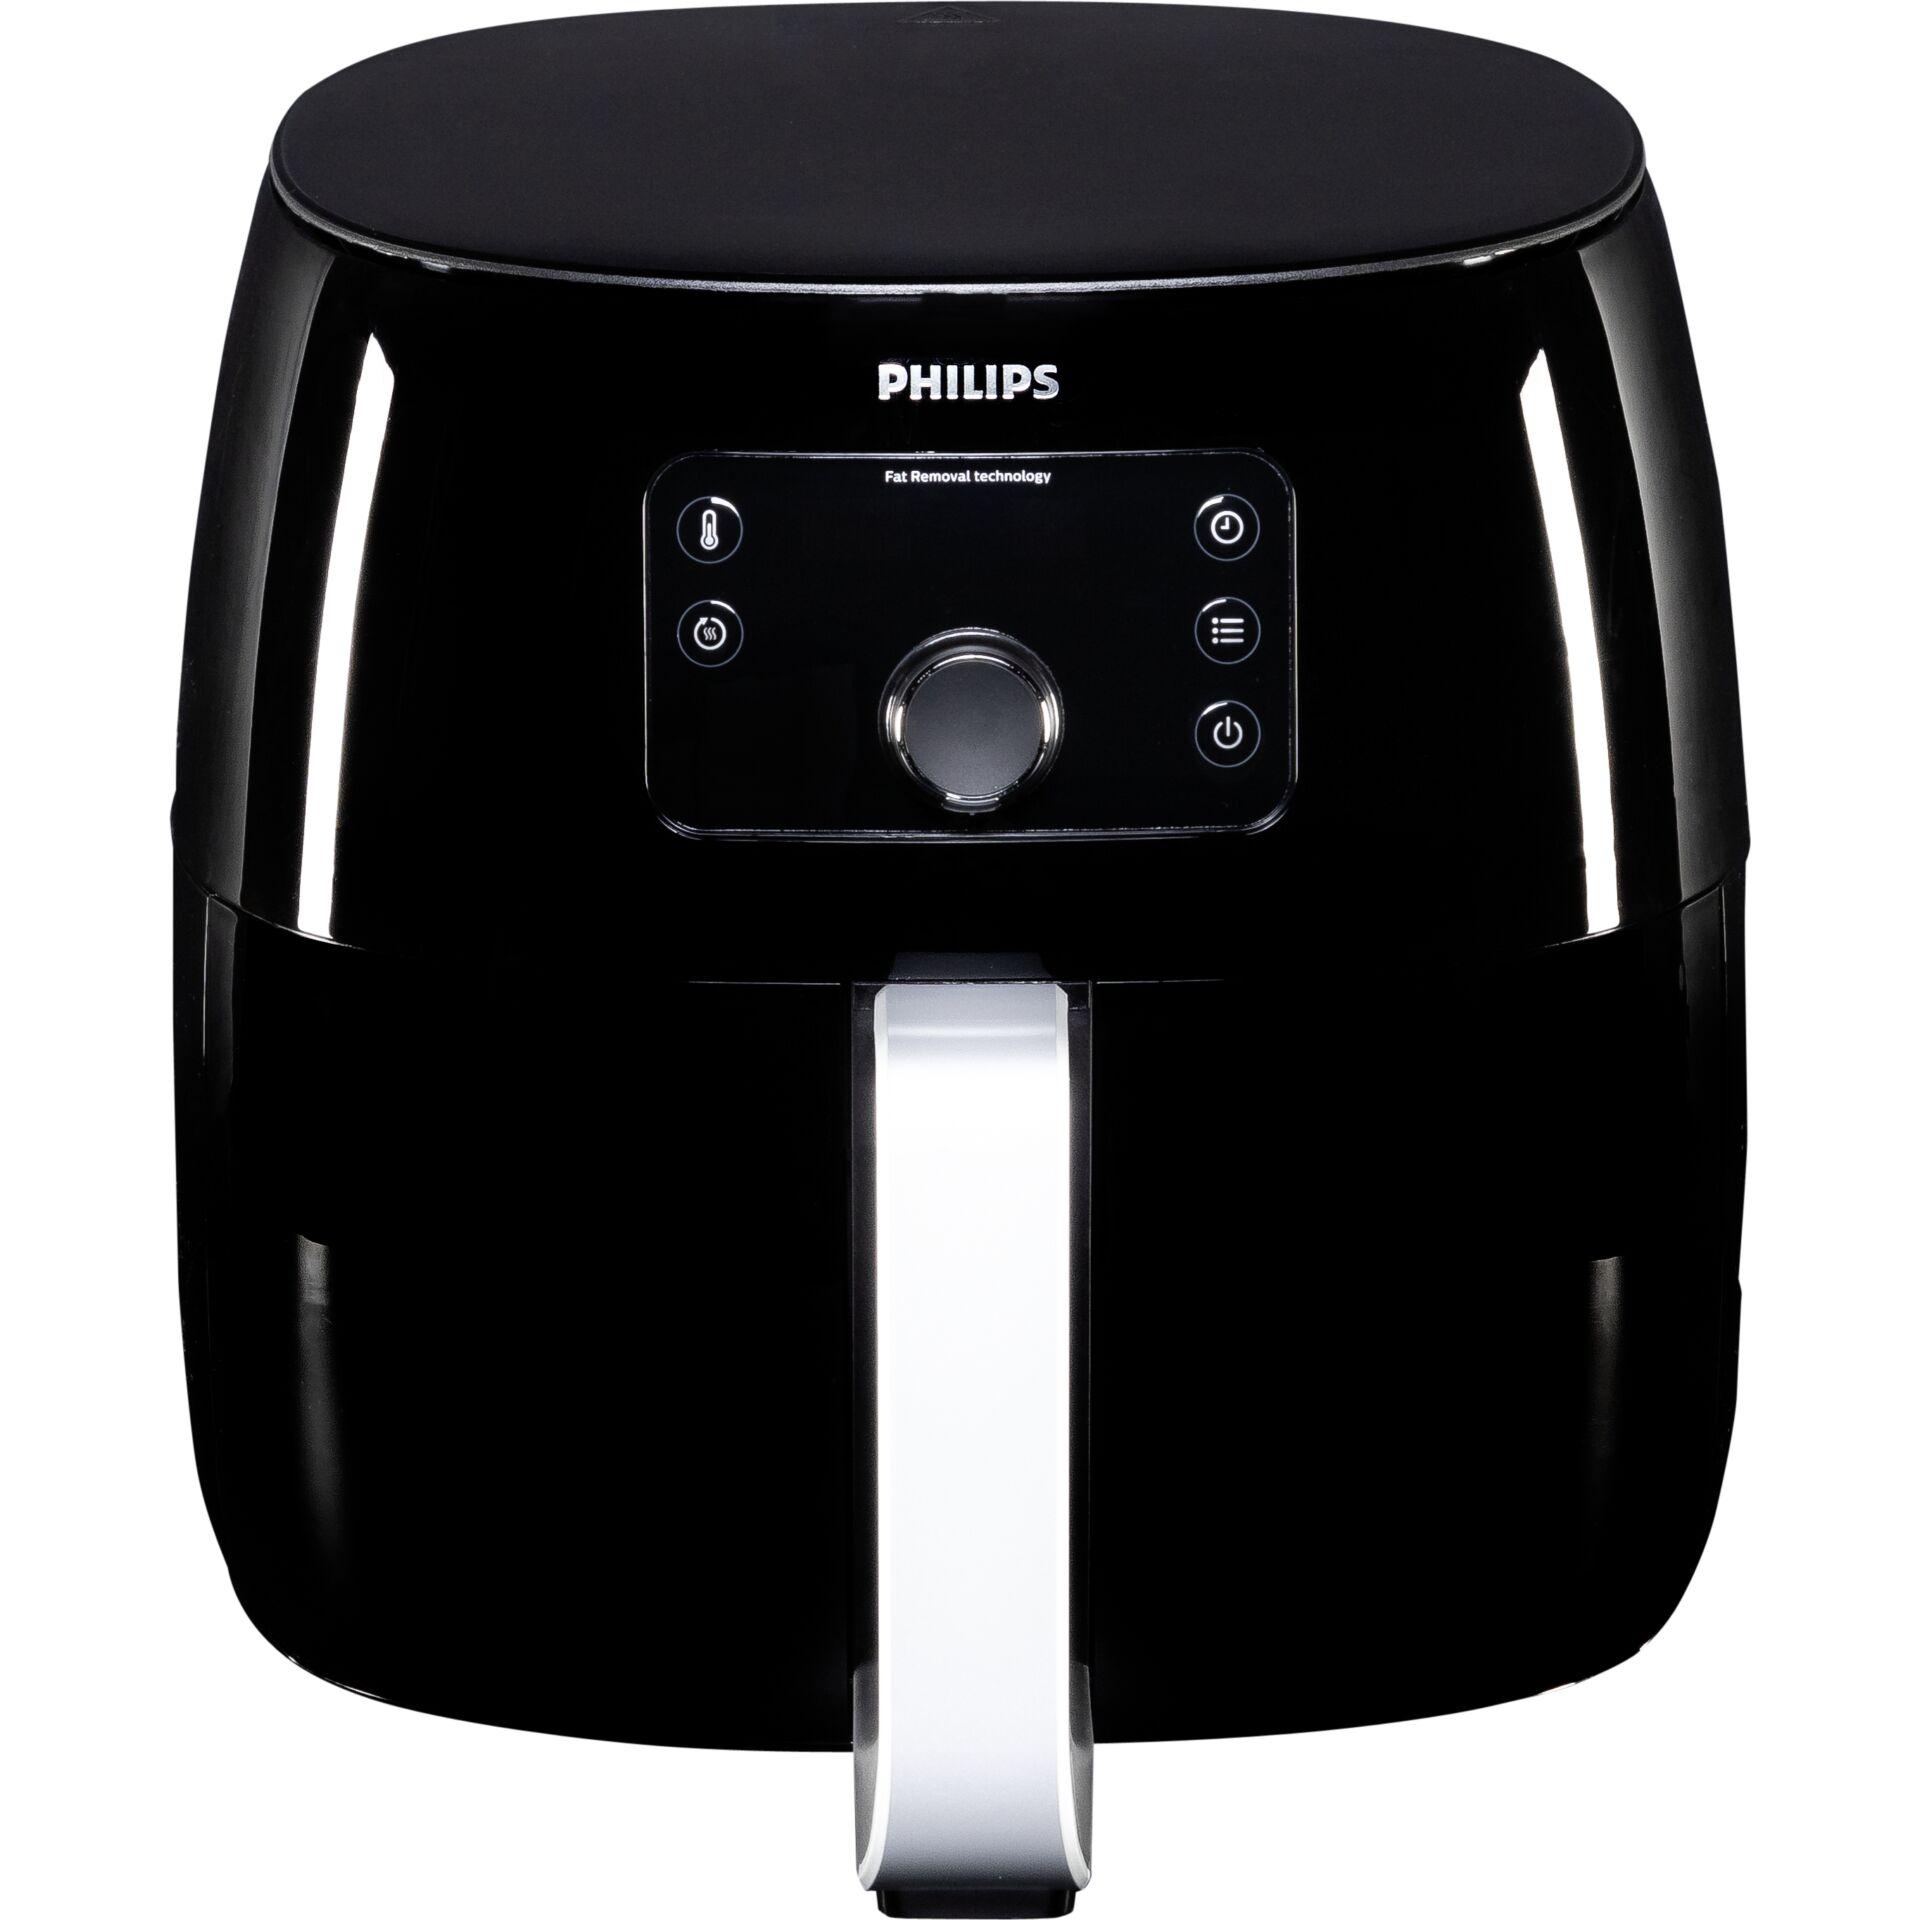 Philips HD 9651/90 Airfryer XXL